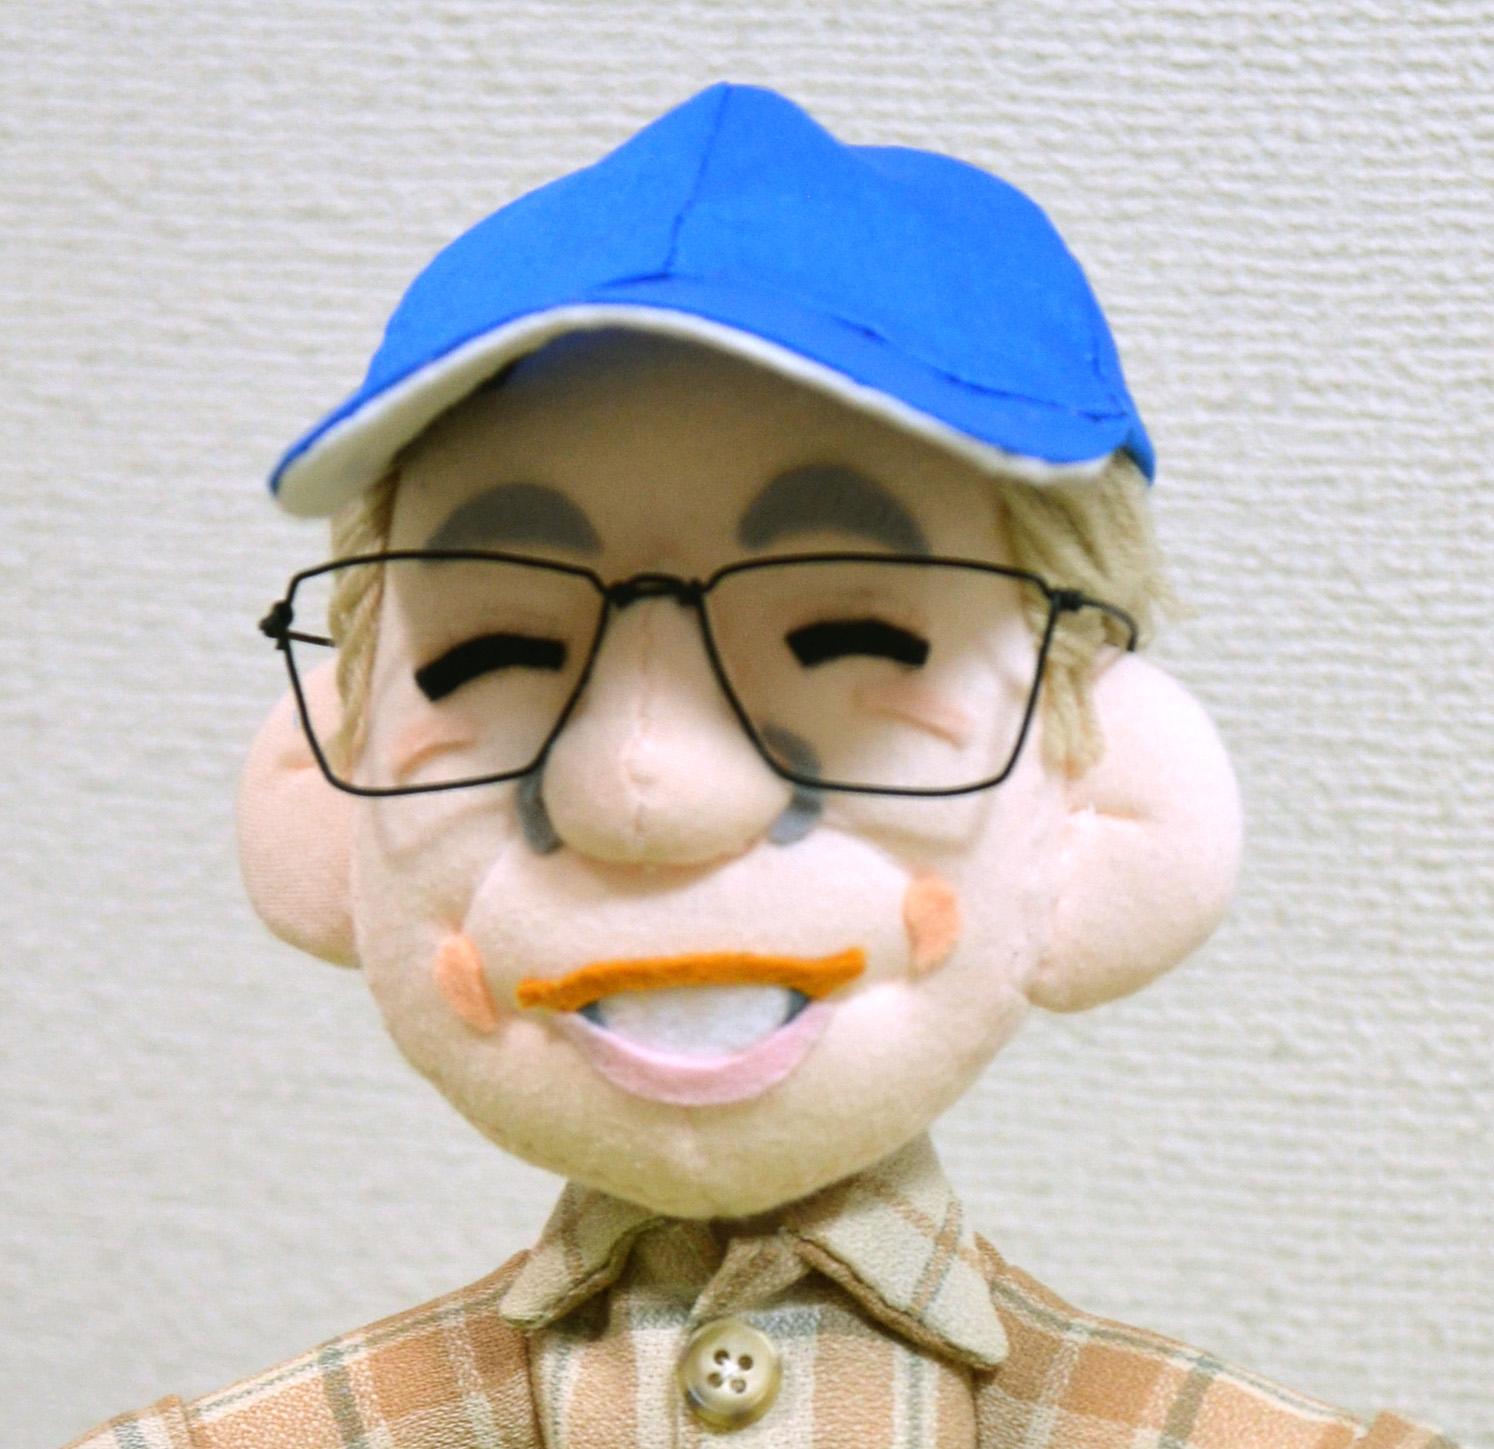 そっくり人形、青い帽子のぬいぐるみ(小)